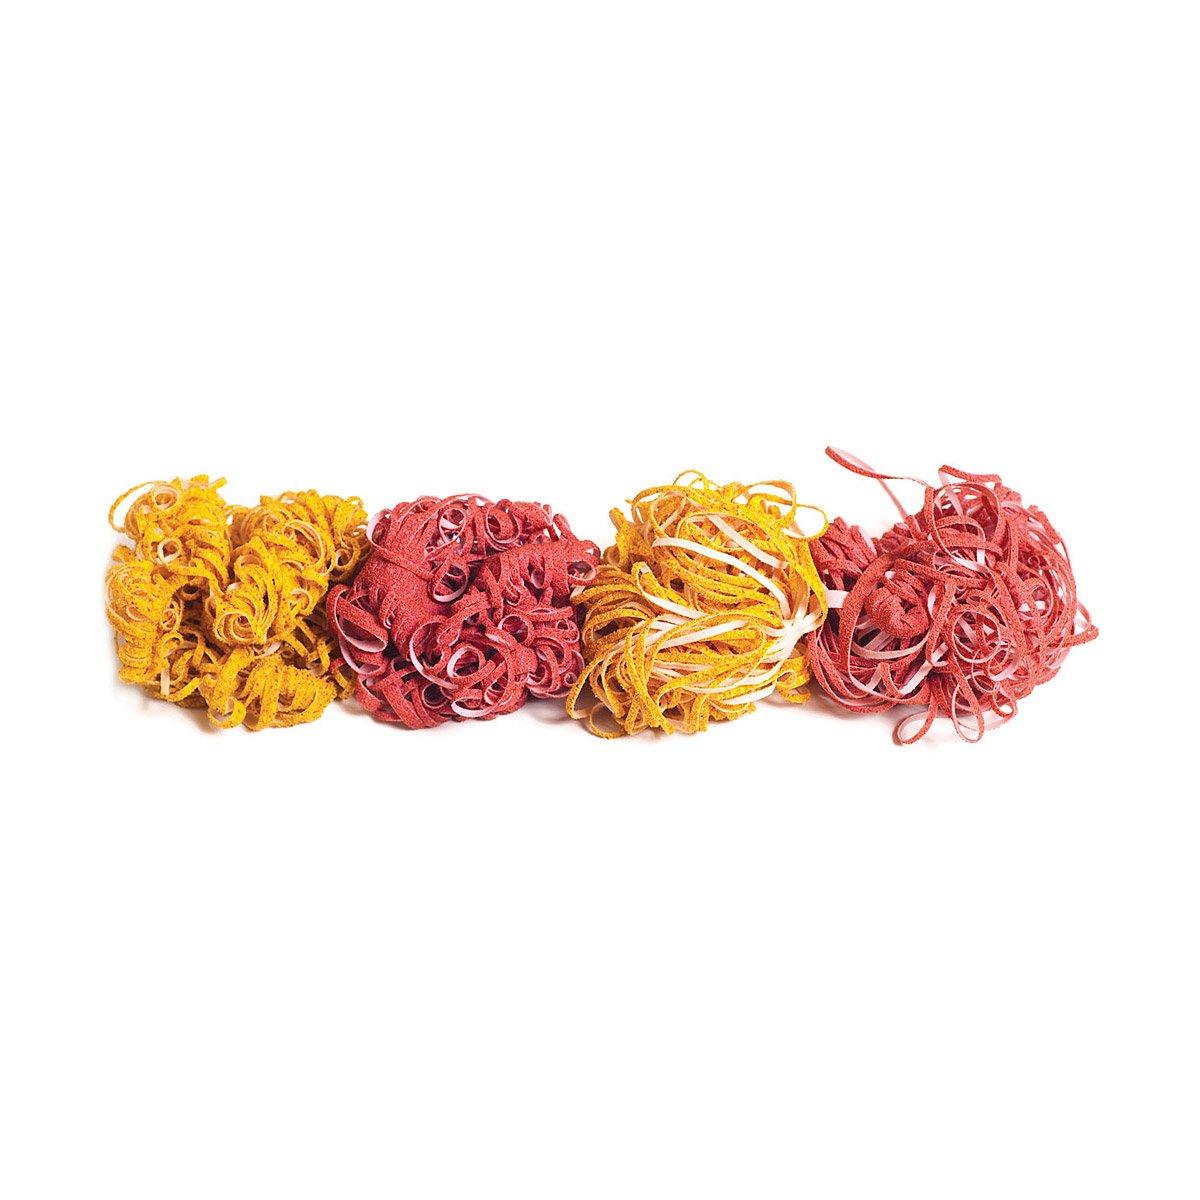 Spaghetti Scrubbers | Scrub, Sponge, Scrubber, No, Detergent, Eco ...